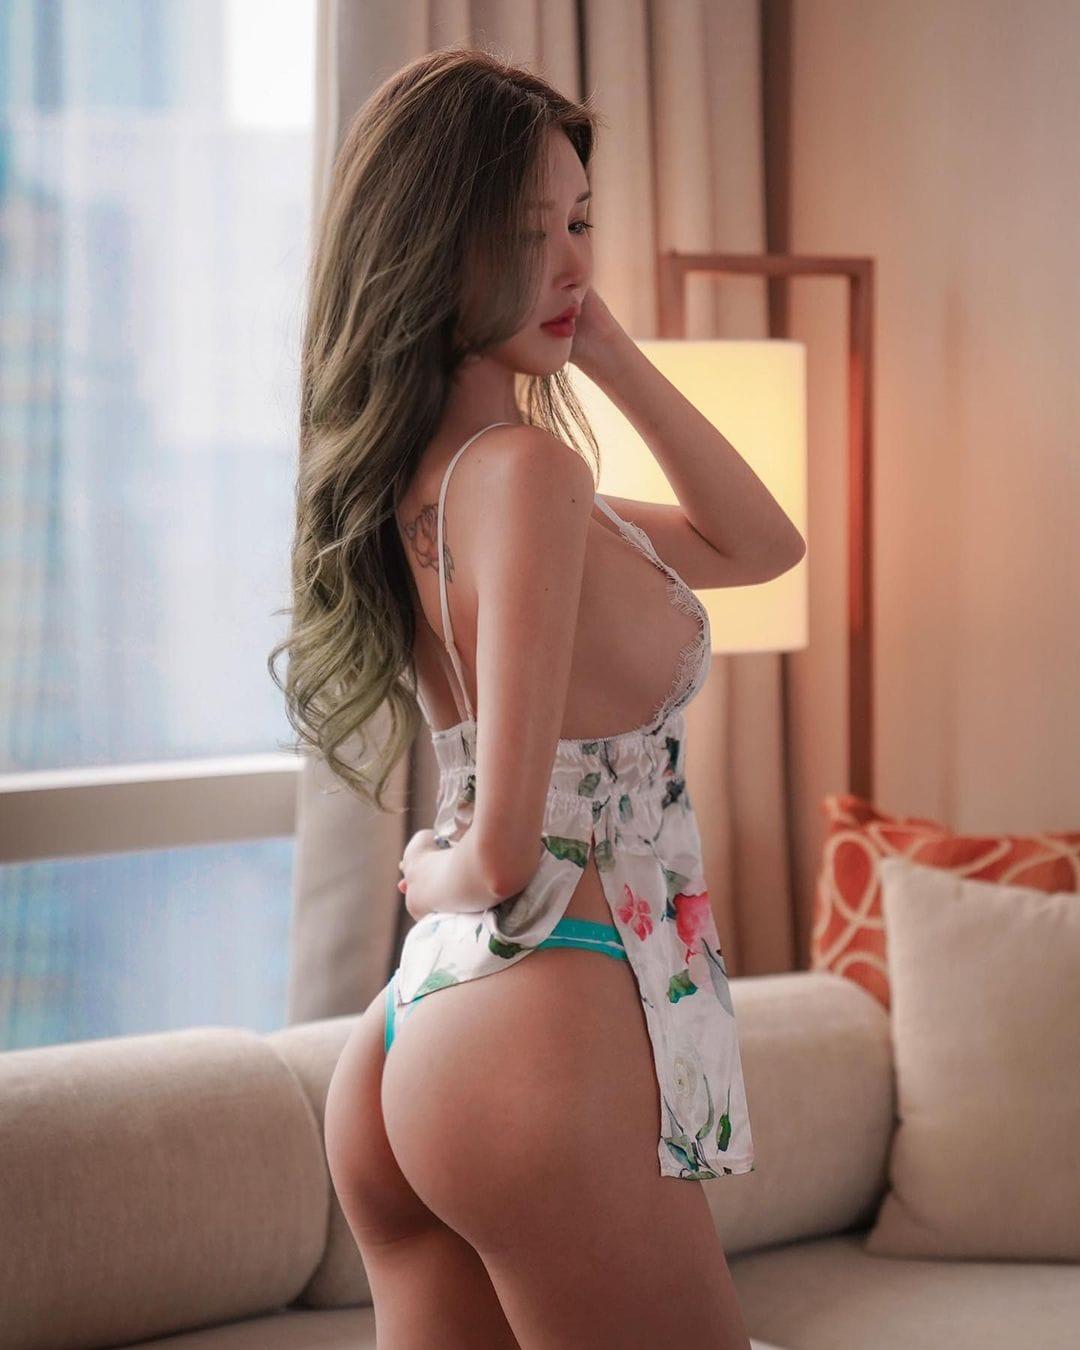 ガティタ・ヤン「裸エプロン風のセクシー横乳!」ツンと上を向いたお尻がセクシー【画像2枚】の画像002